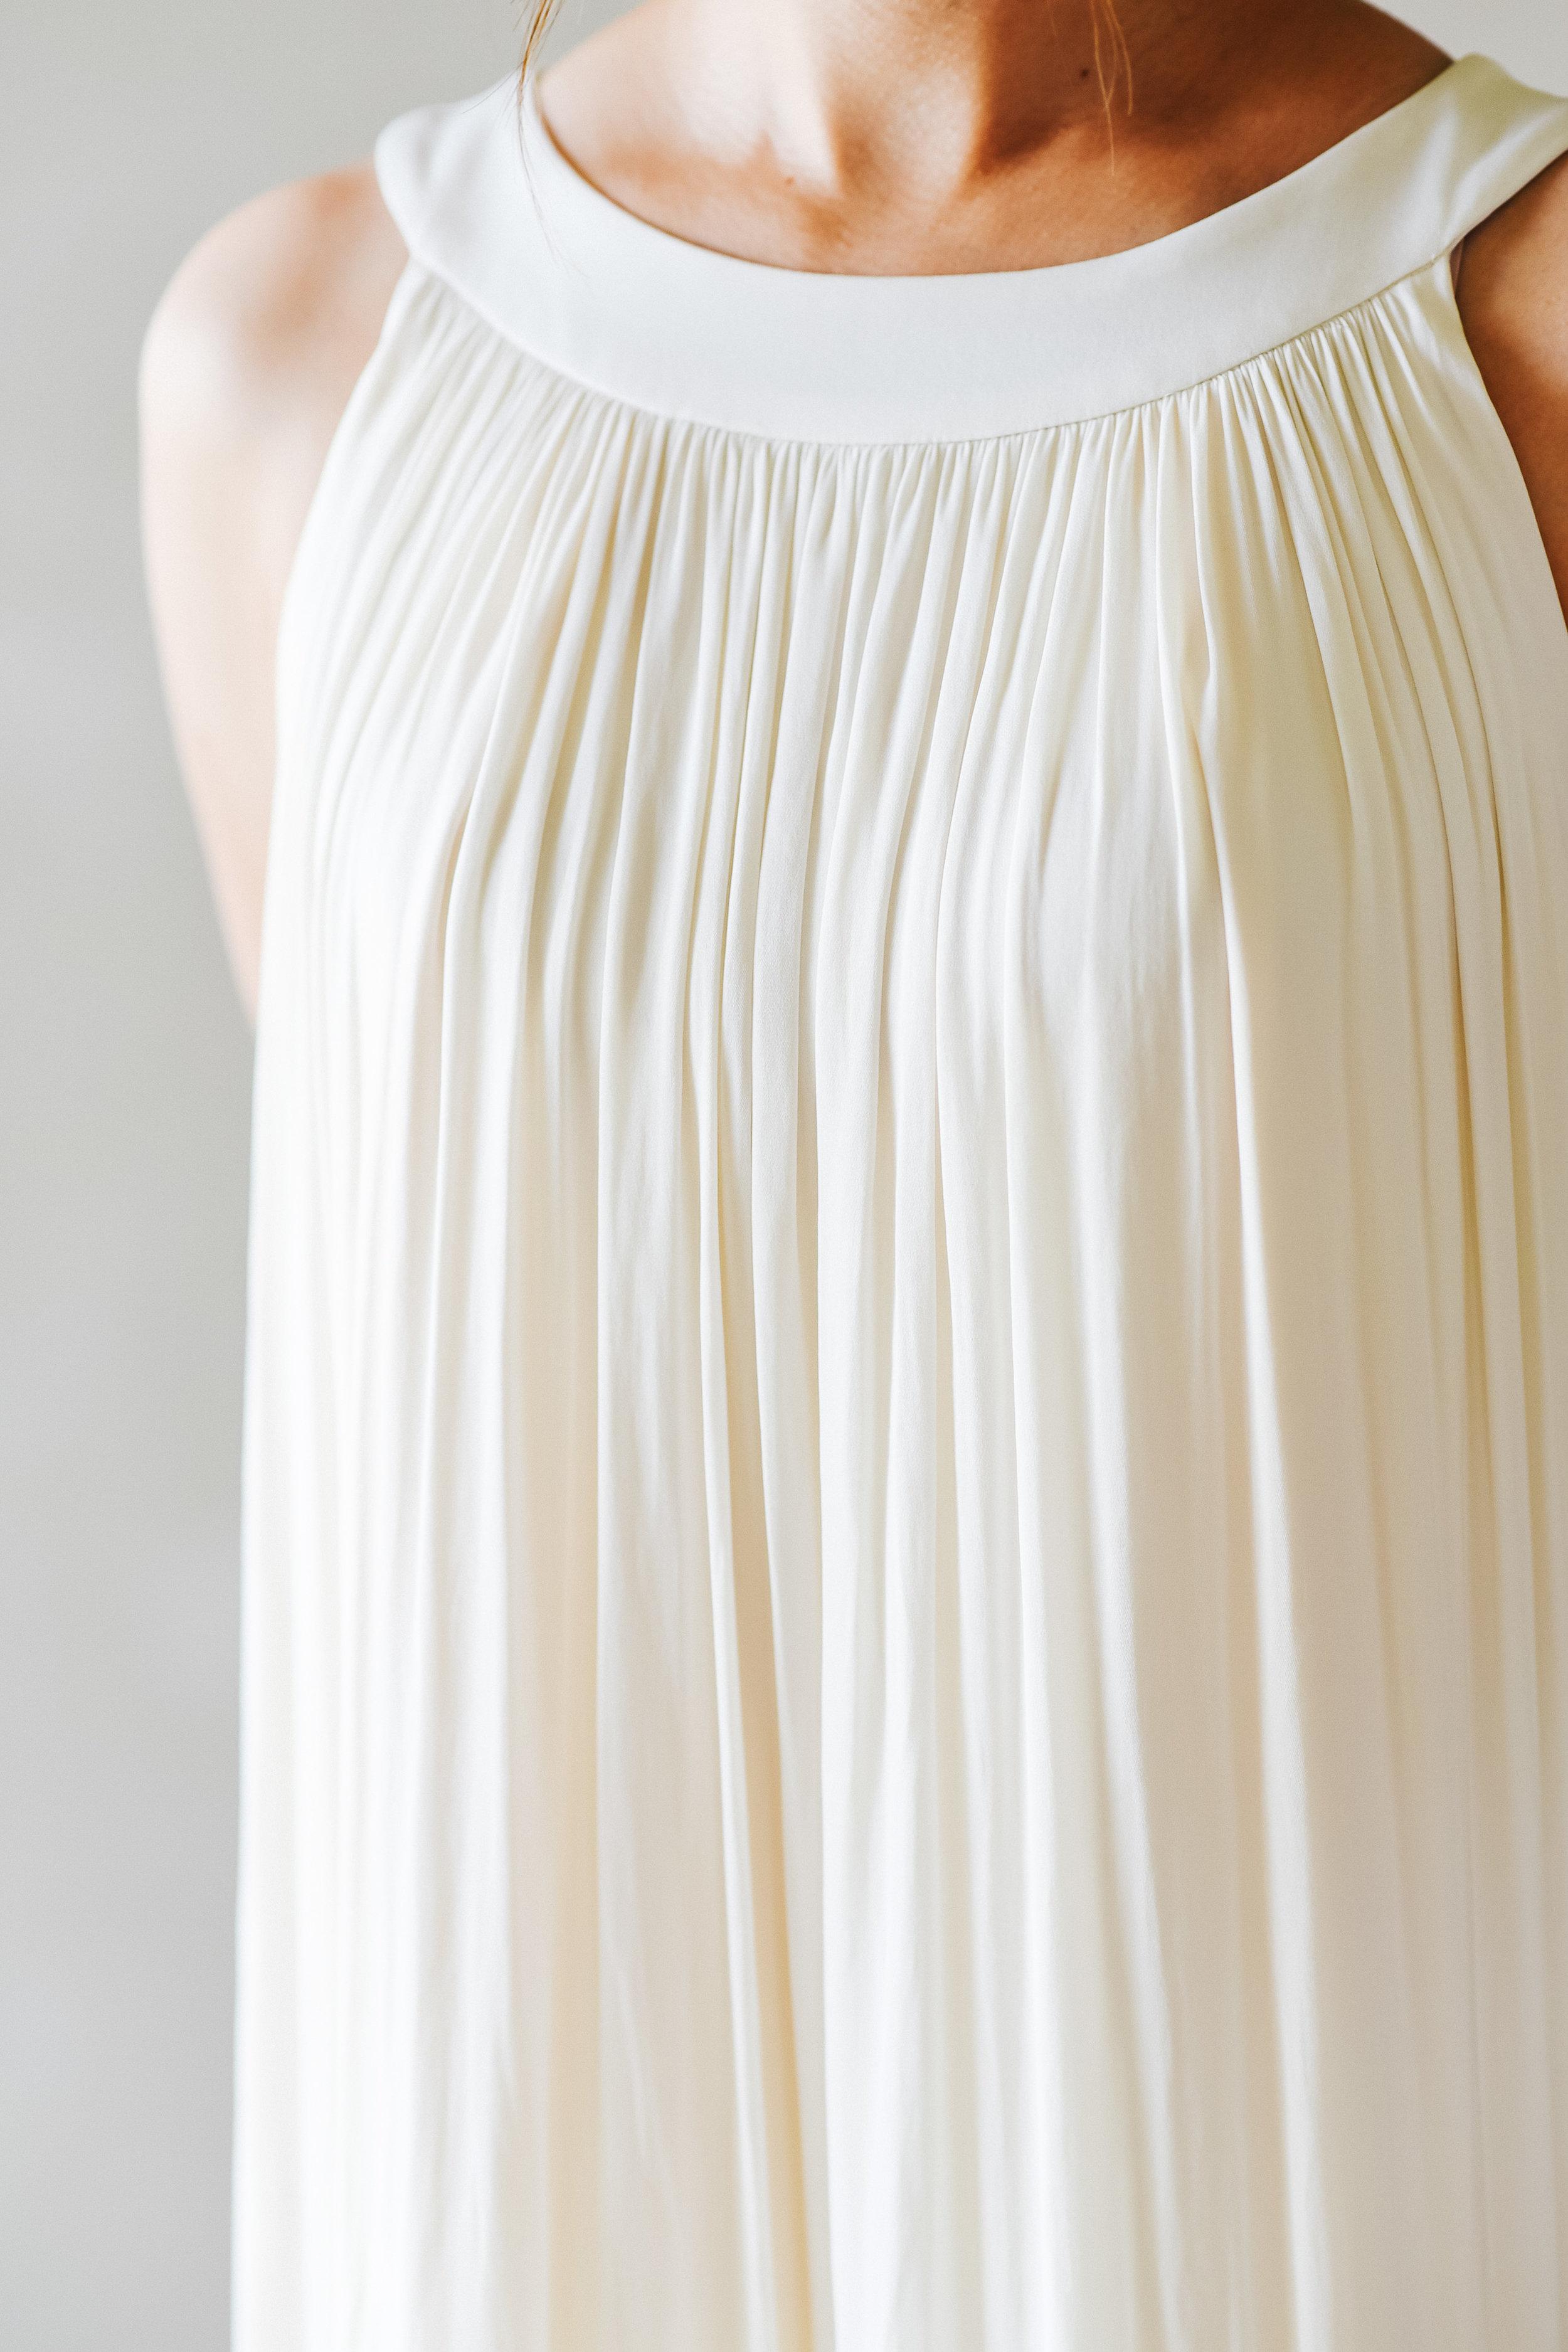 dress9_4.jpg